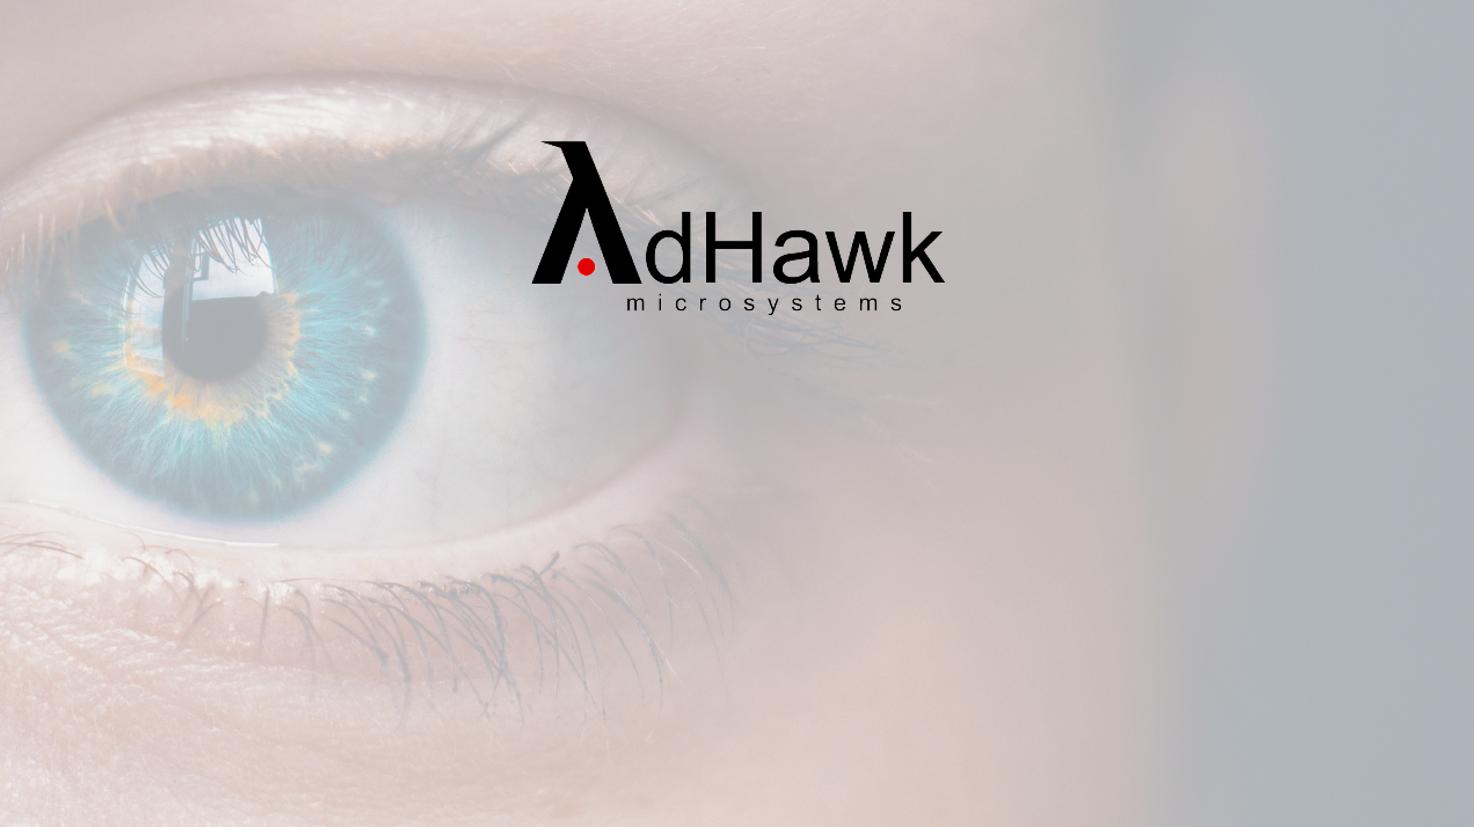 adhawk.PNG